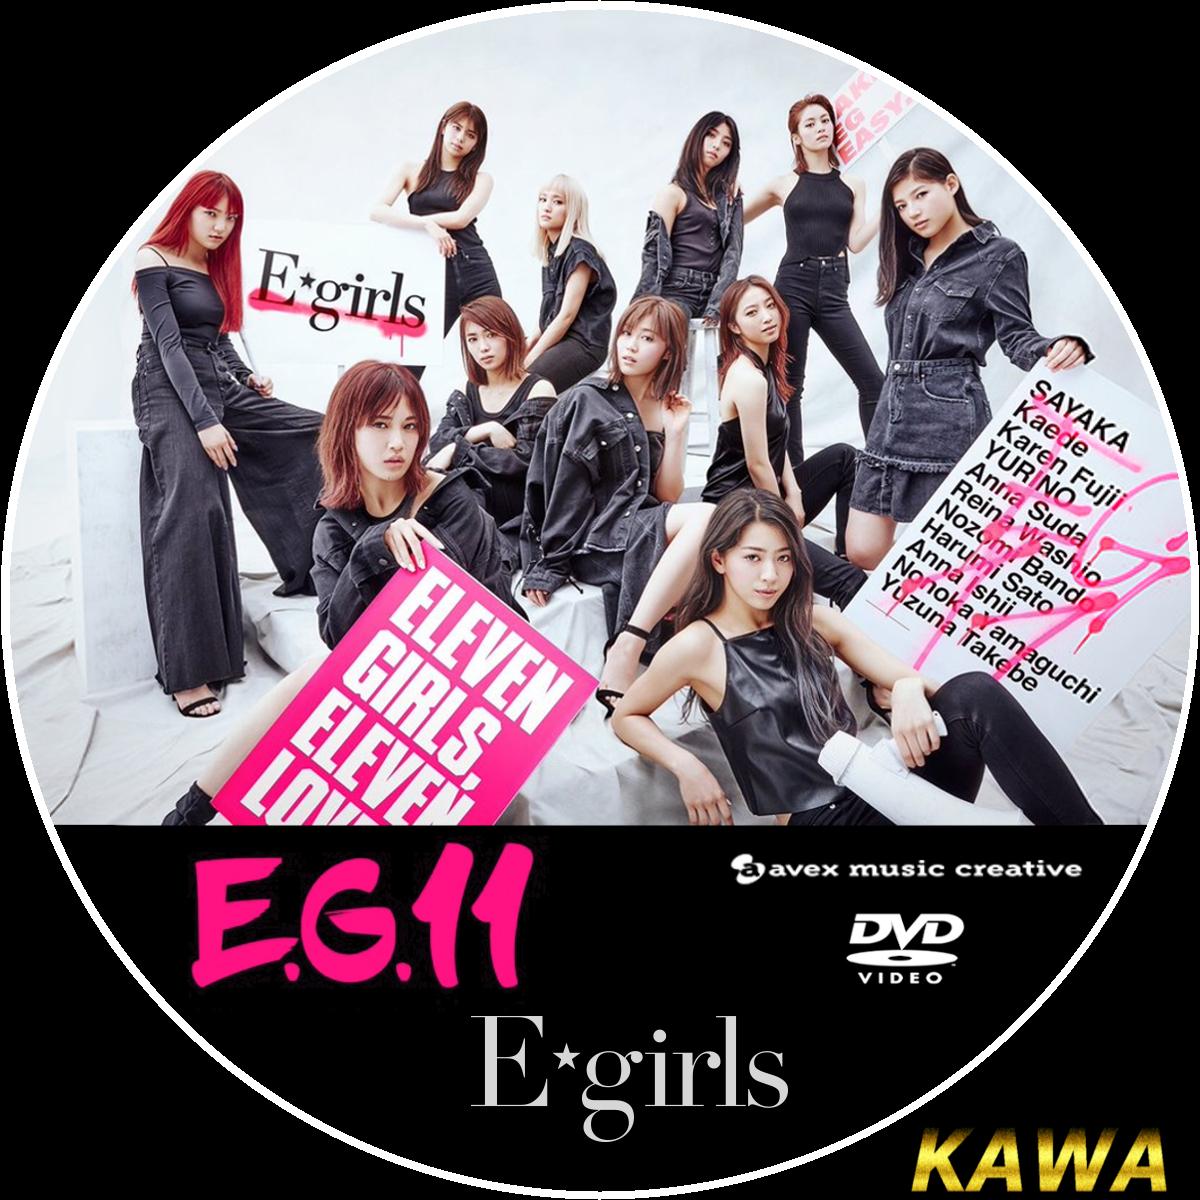 EG11 dvd